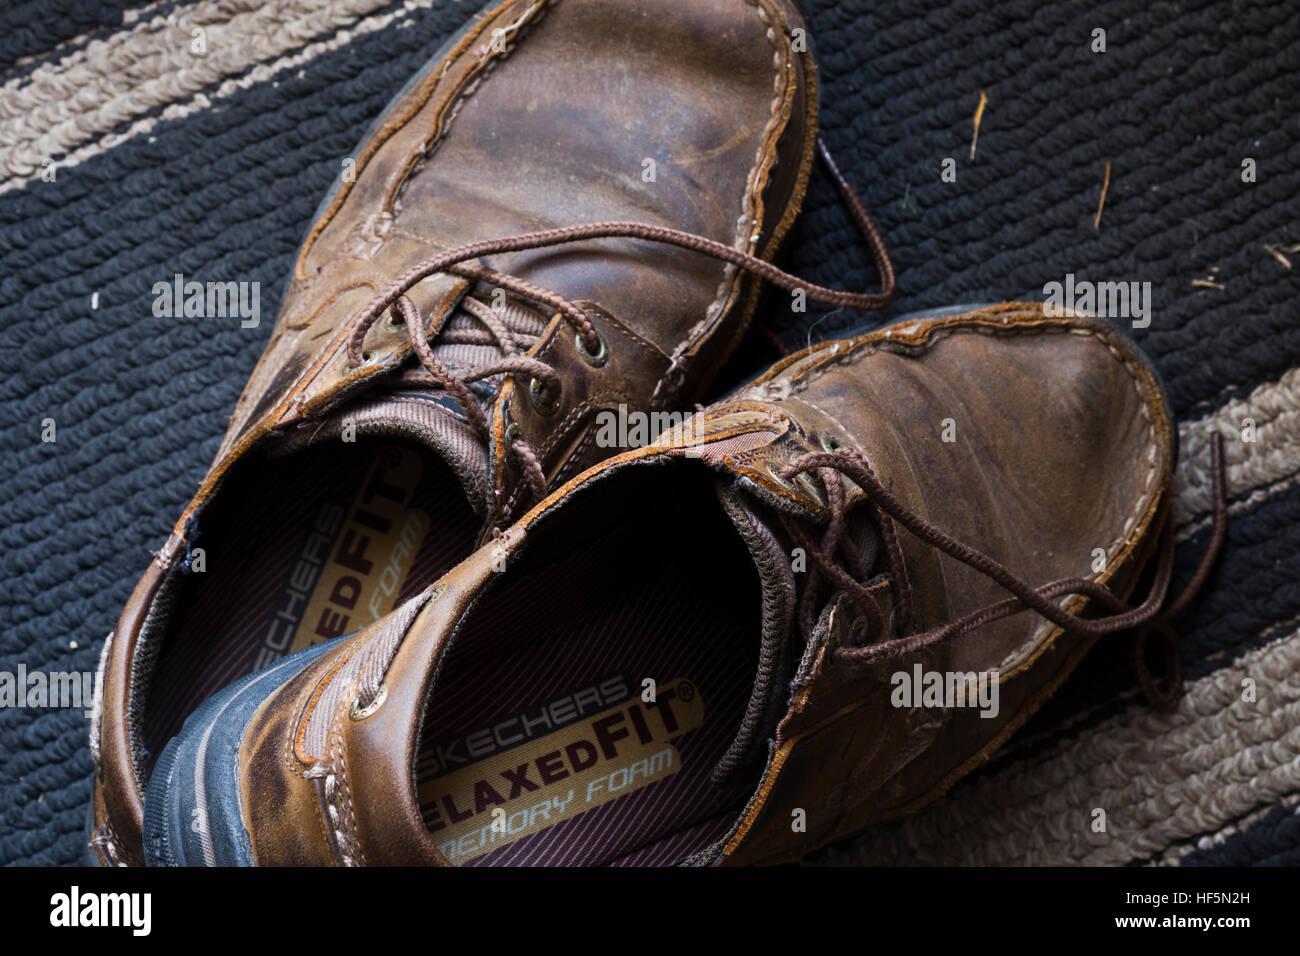 7d74301f Un par de zapatos rotos en cubierta sentada sobre una alfombra de entrada.